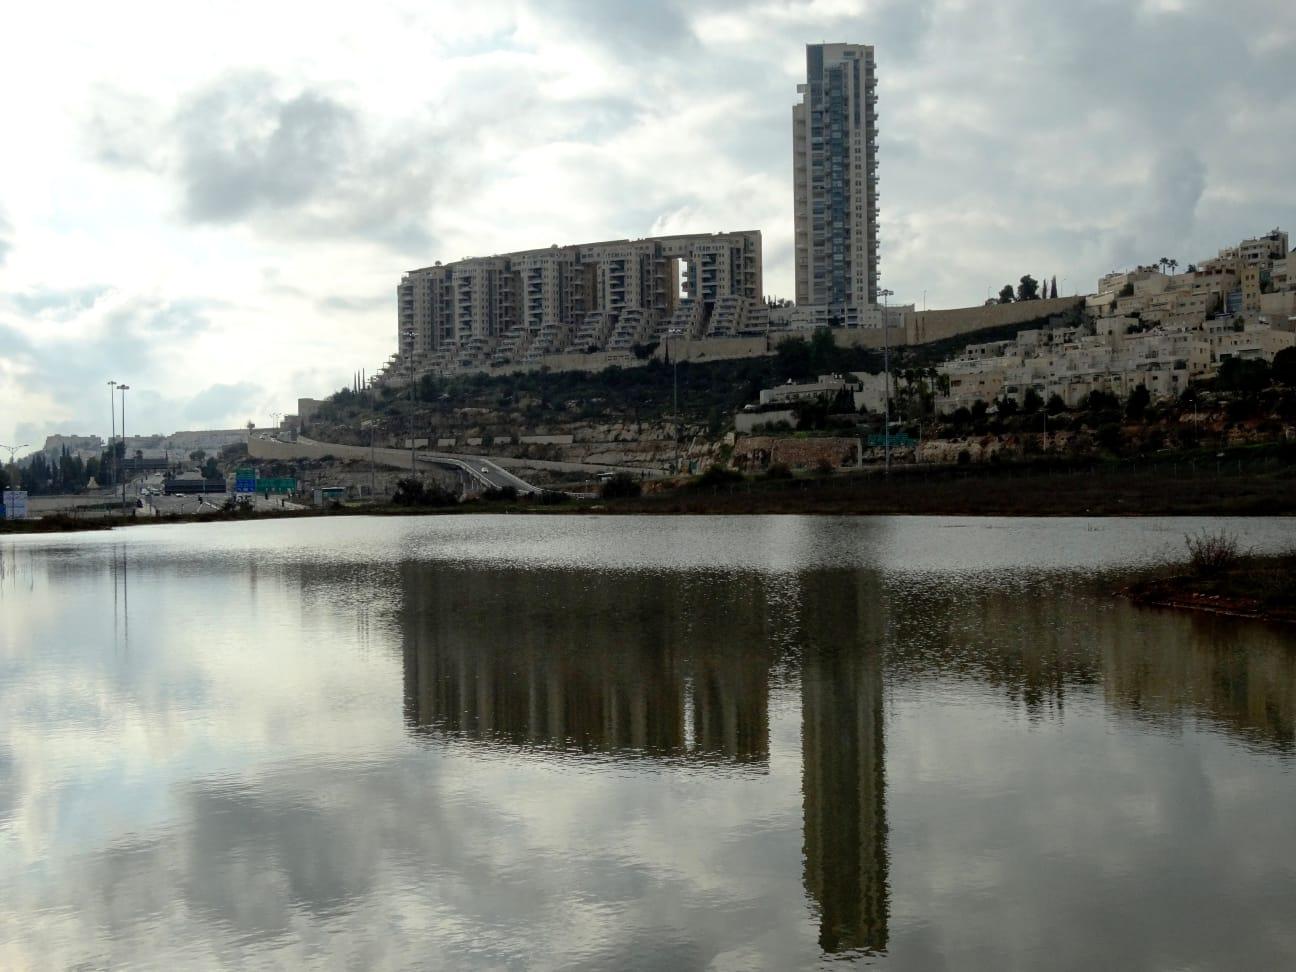 האגם בעמק הצבאים בירושלים (צילום: דב גרינבלט/החברה להגנת הטבע)